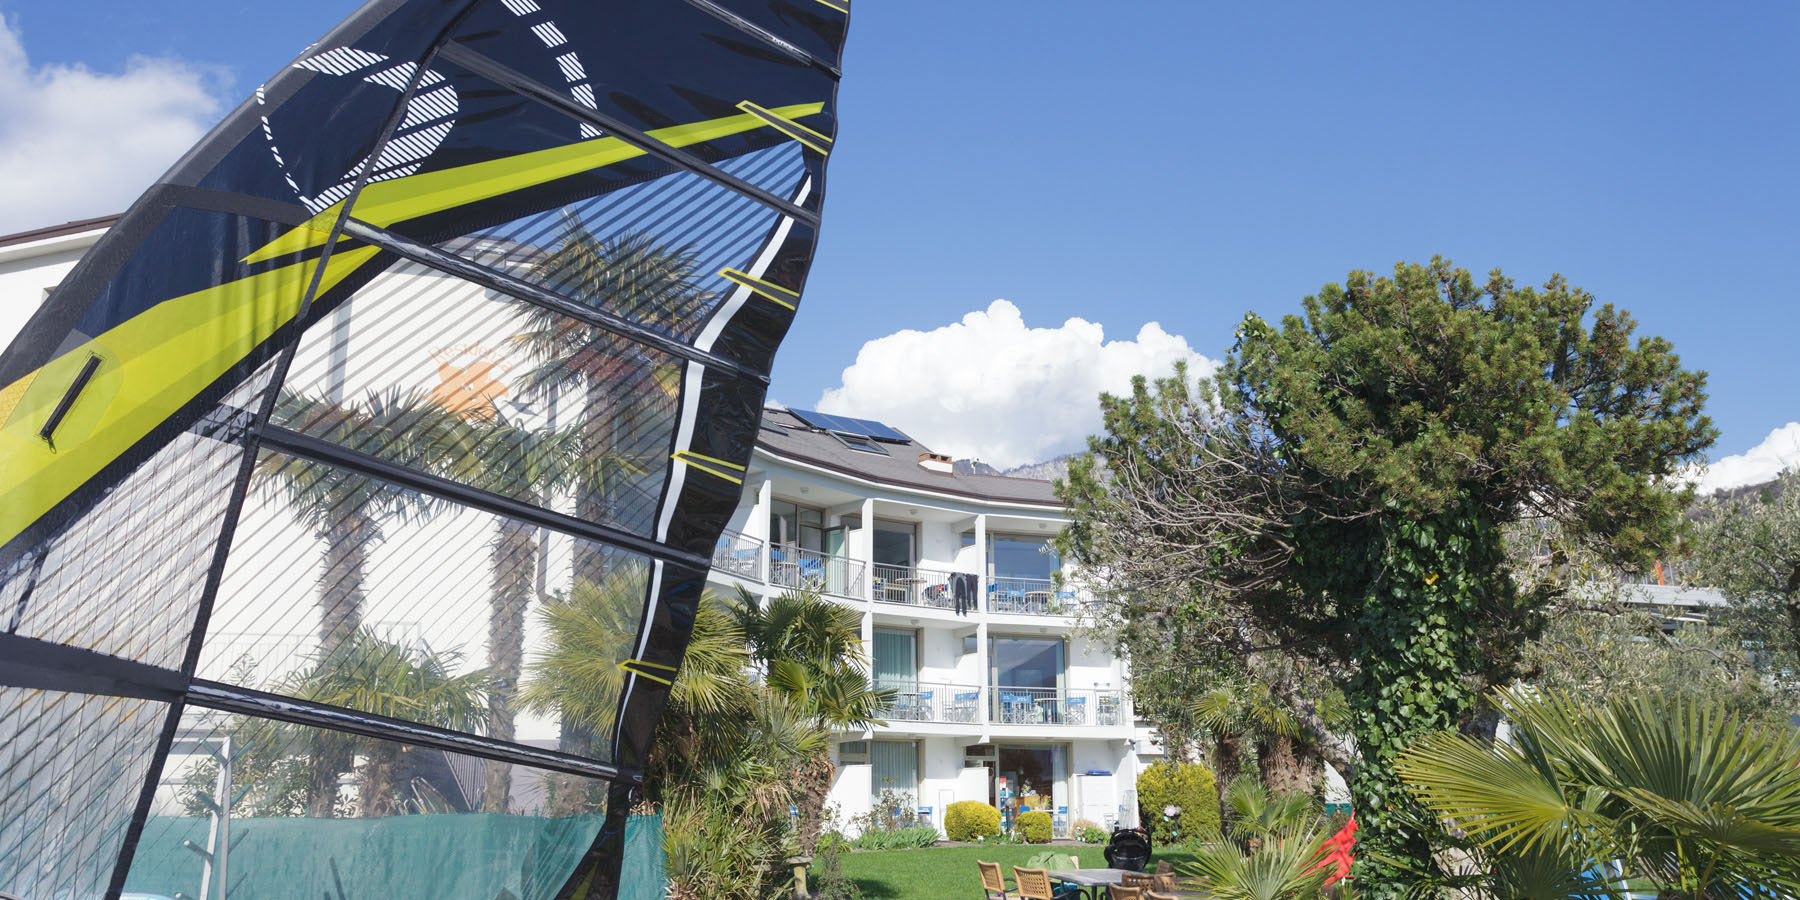 Residence Casa al Sole Torbole